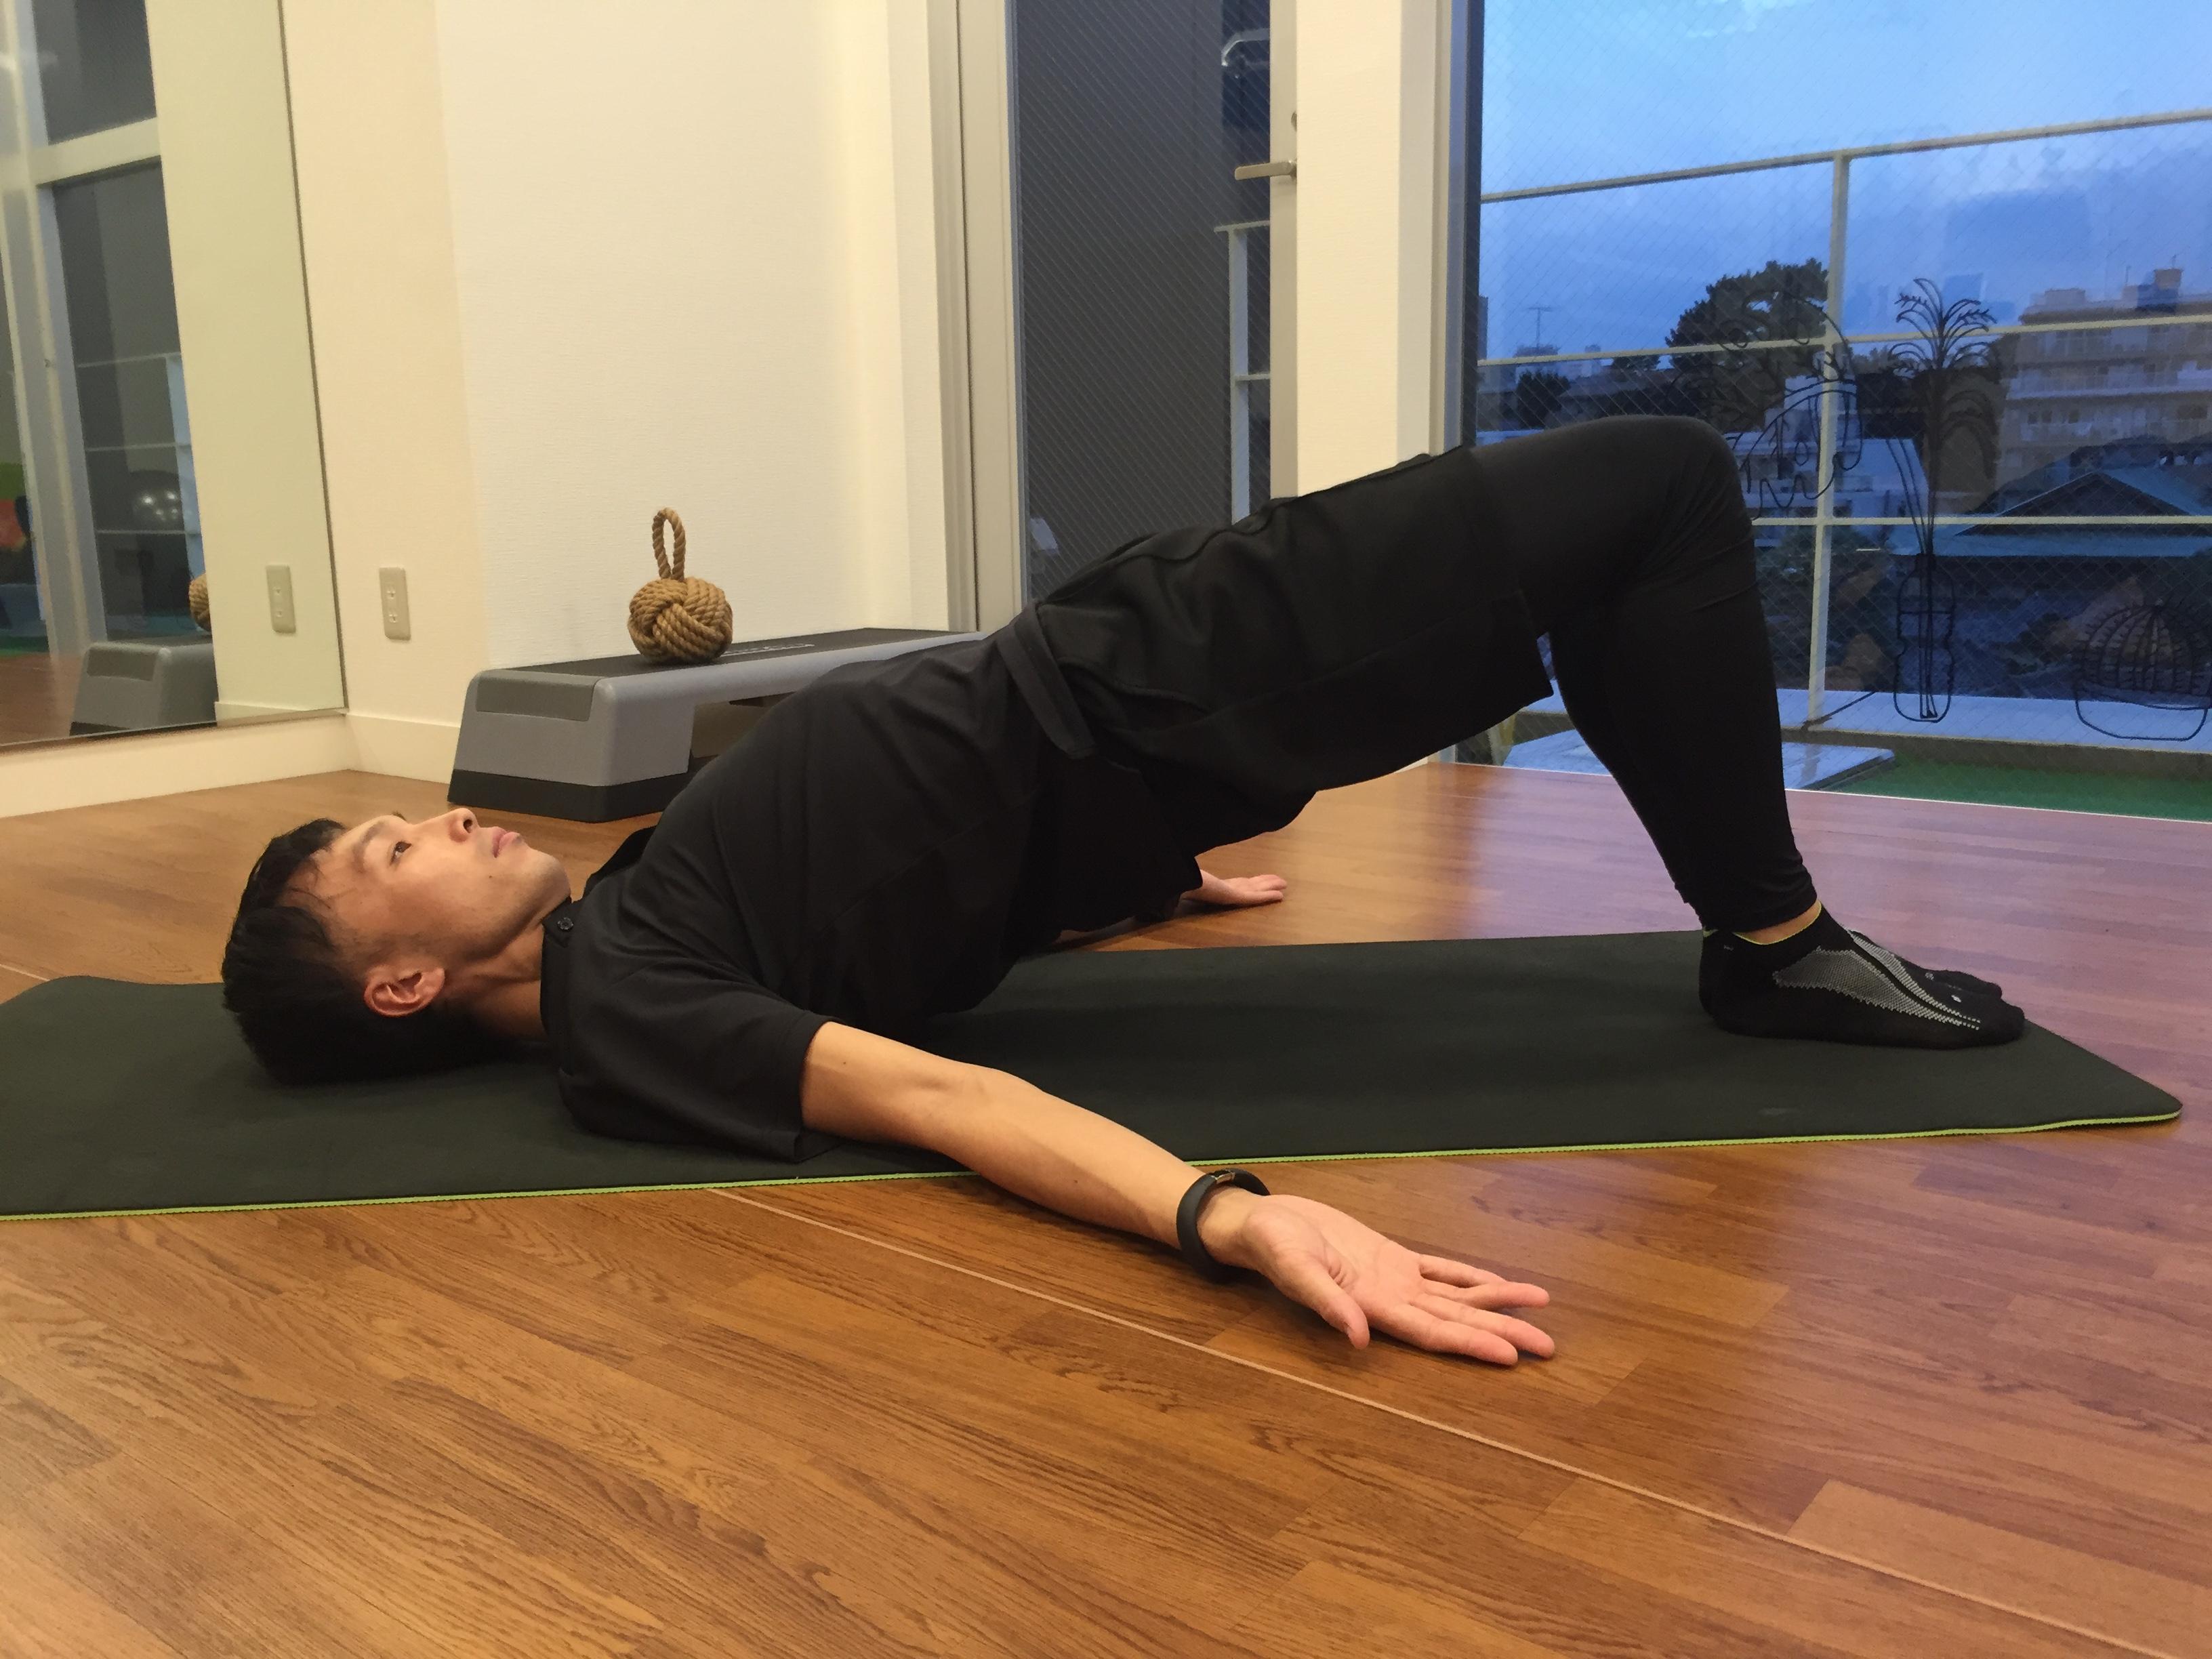 美脚 おしゃれの秋 パンツの似合う足 簡単トレーニング